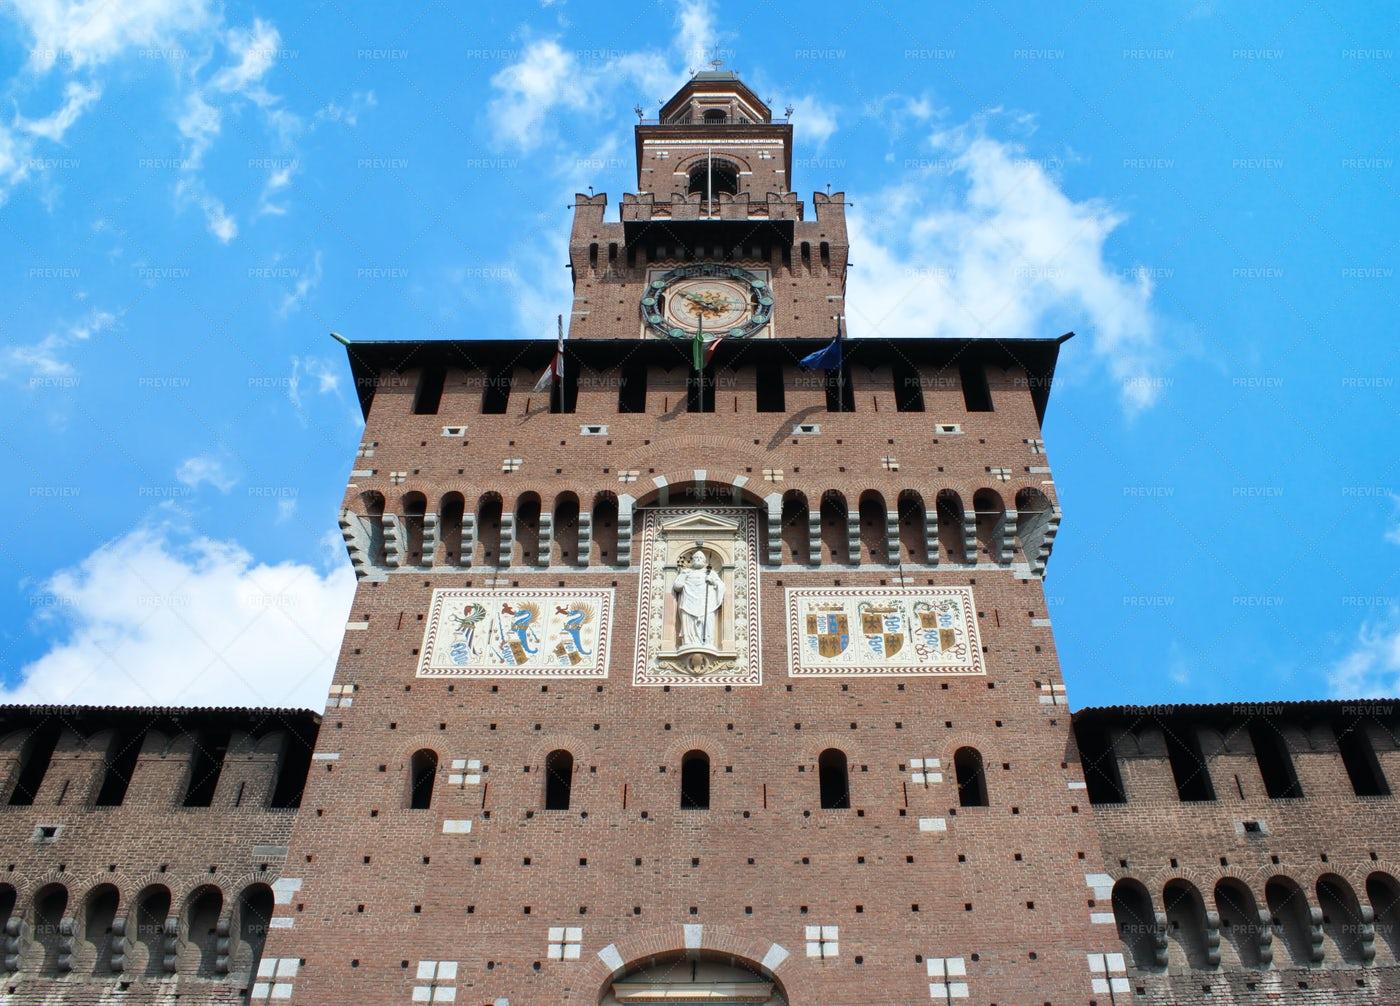 Sforza Castle Facade At Milan, Italy: Stock Photos